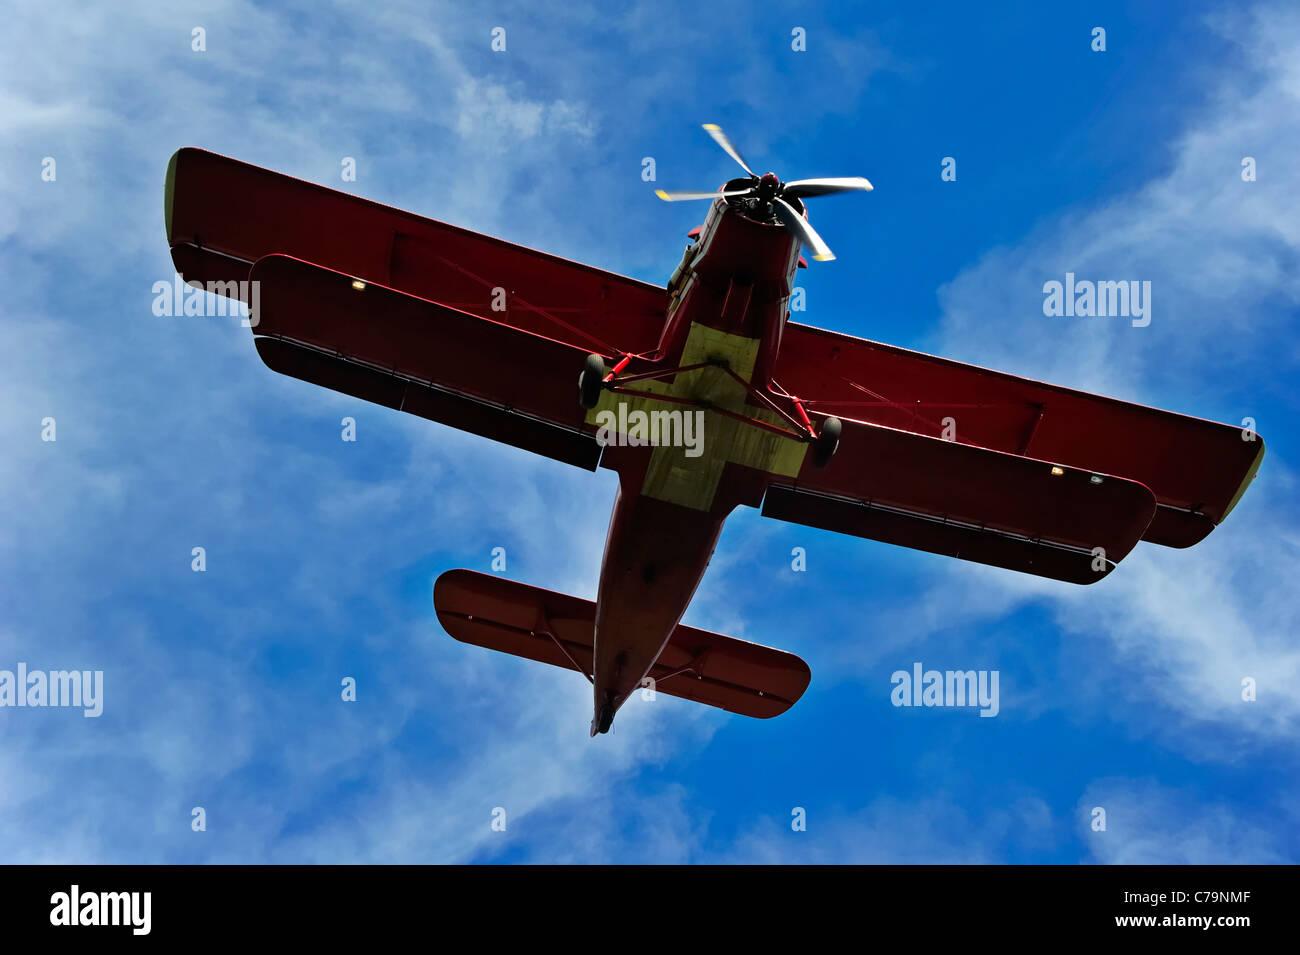 An Antonov AN-2 biplane landing. - Stock Image